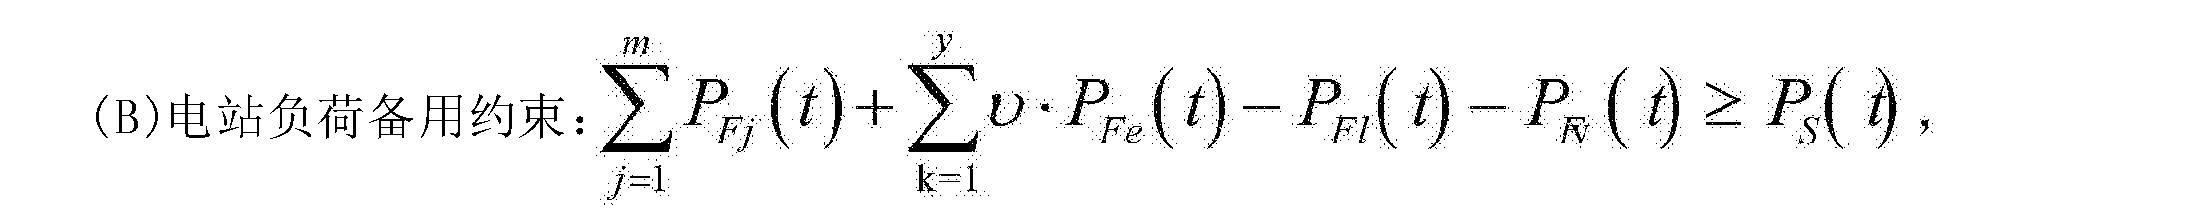 Figure CN103248064BC00032